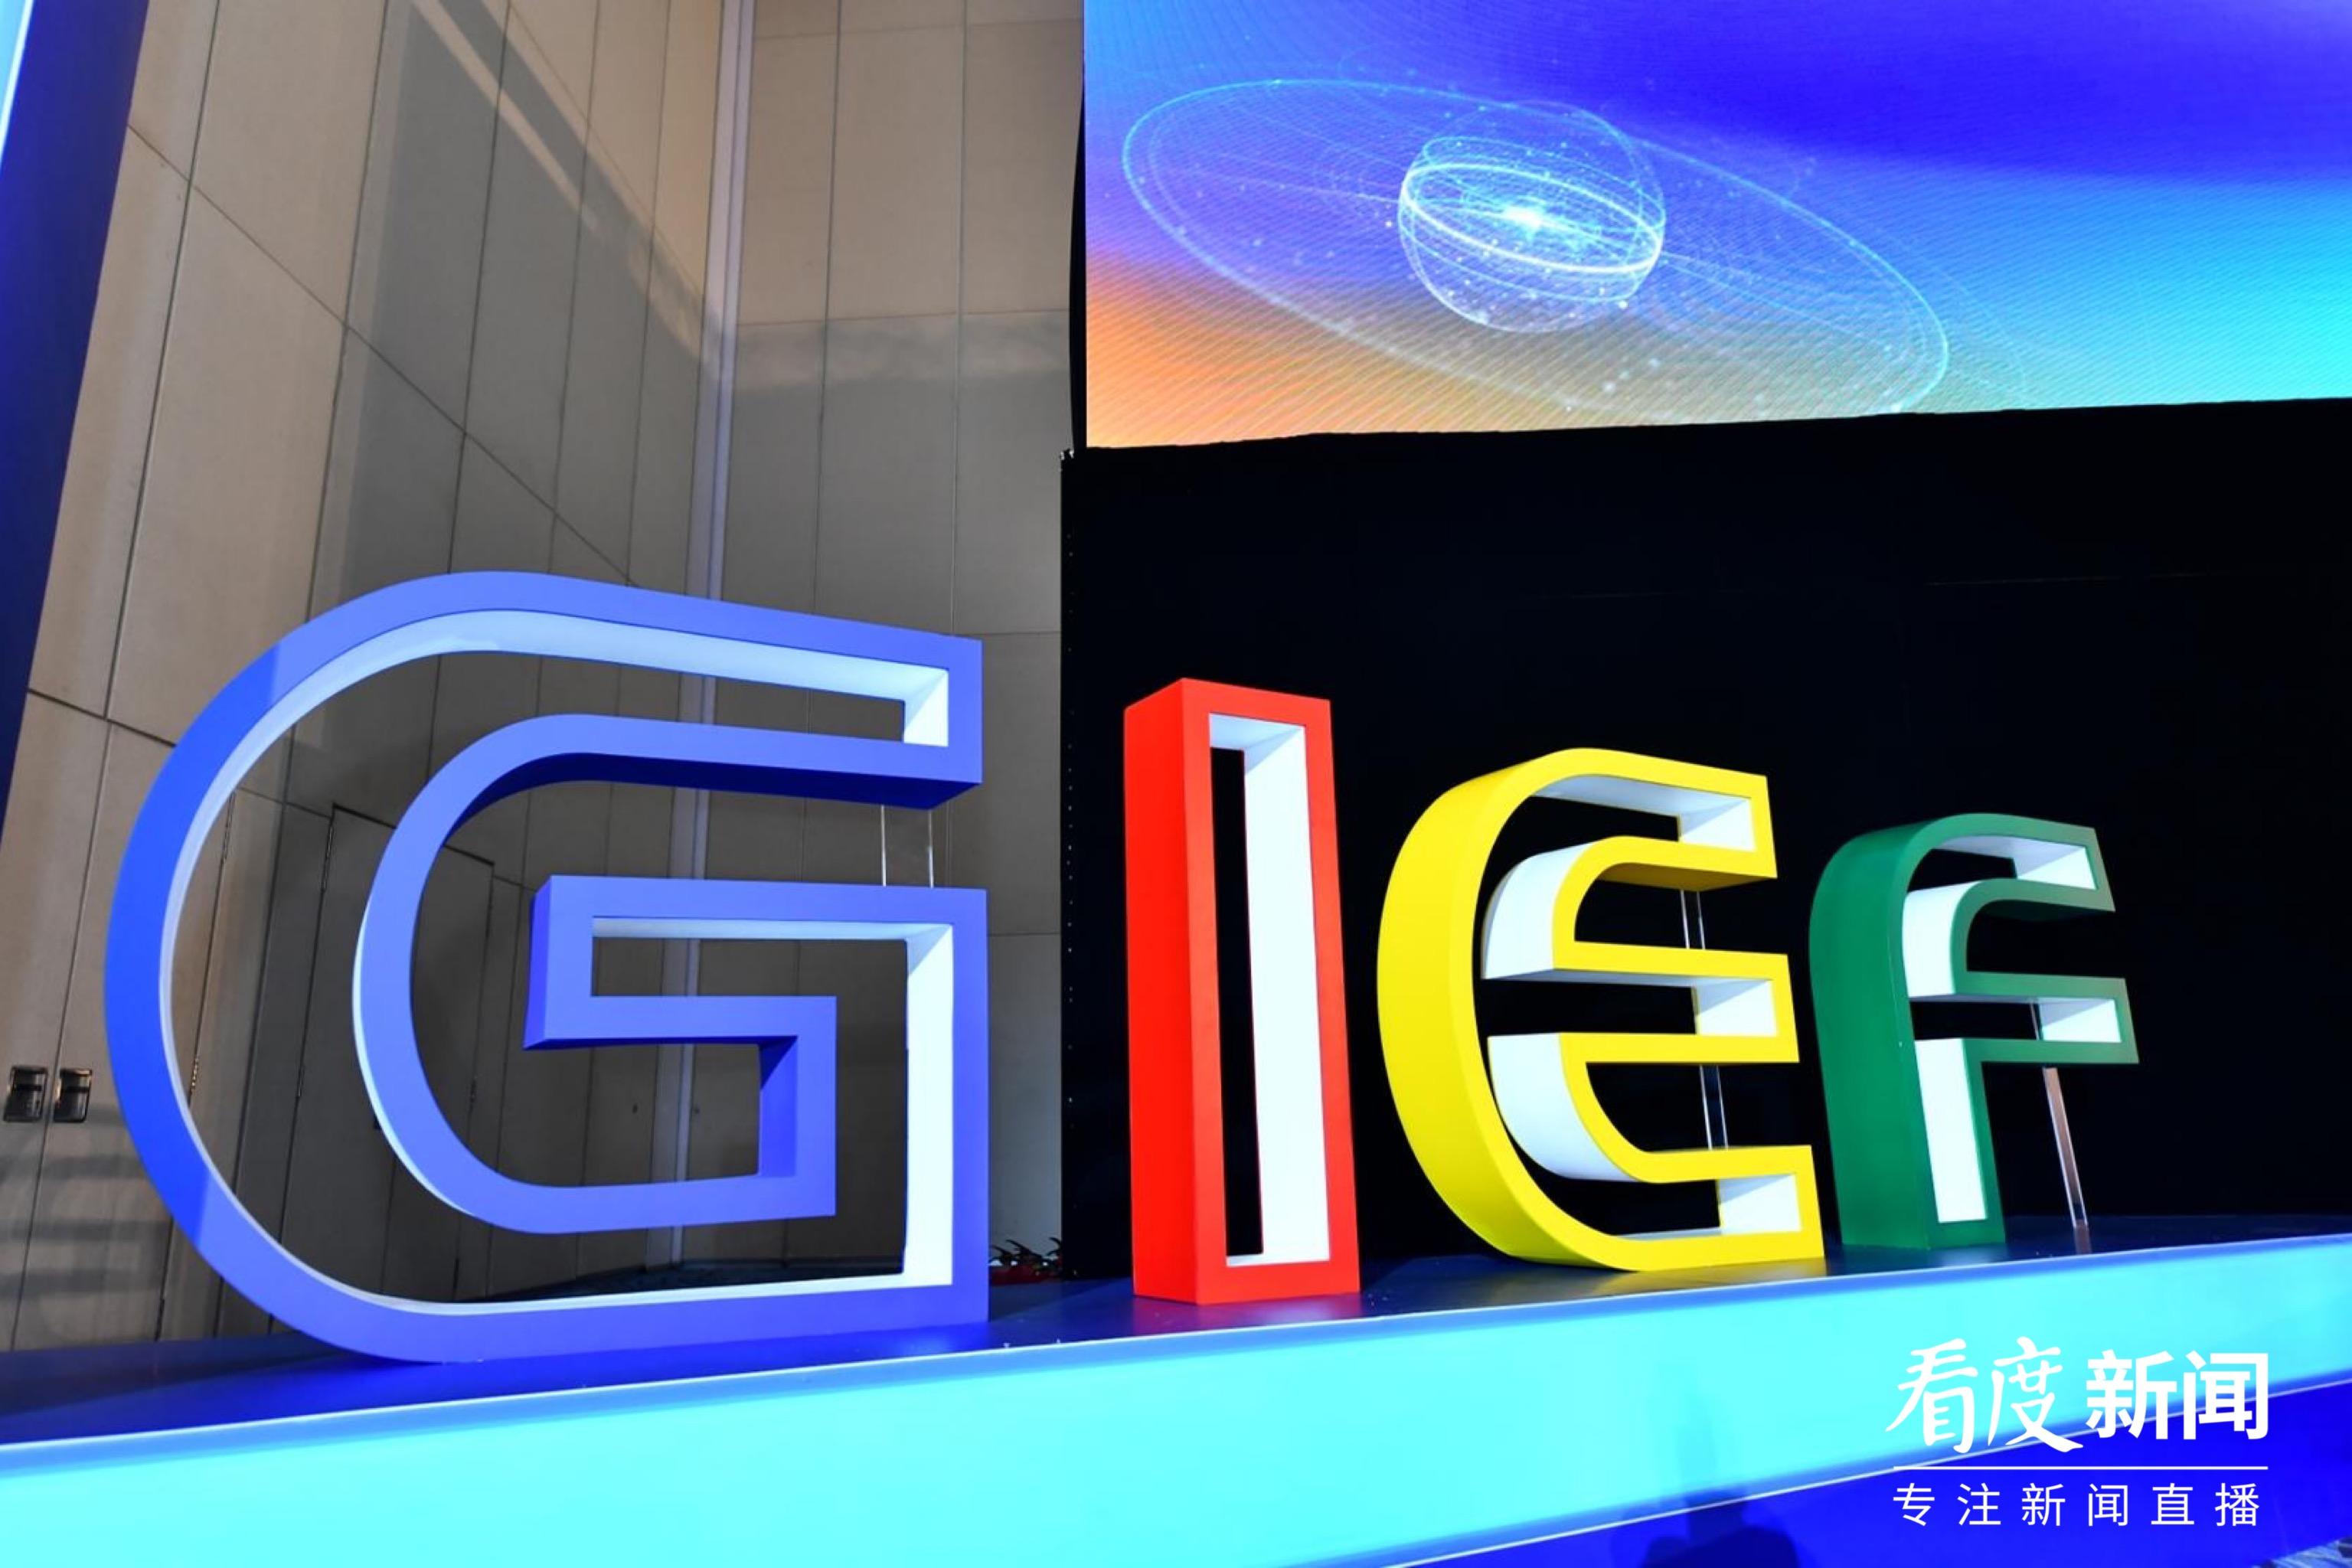 2020成都全球创新创业交易会暨首届国际区块链产业博览会现场